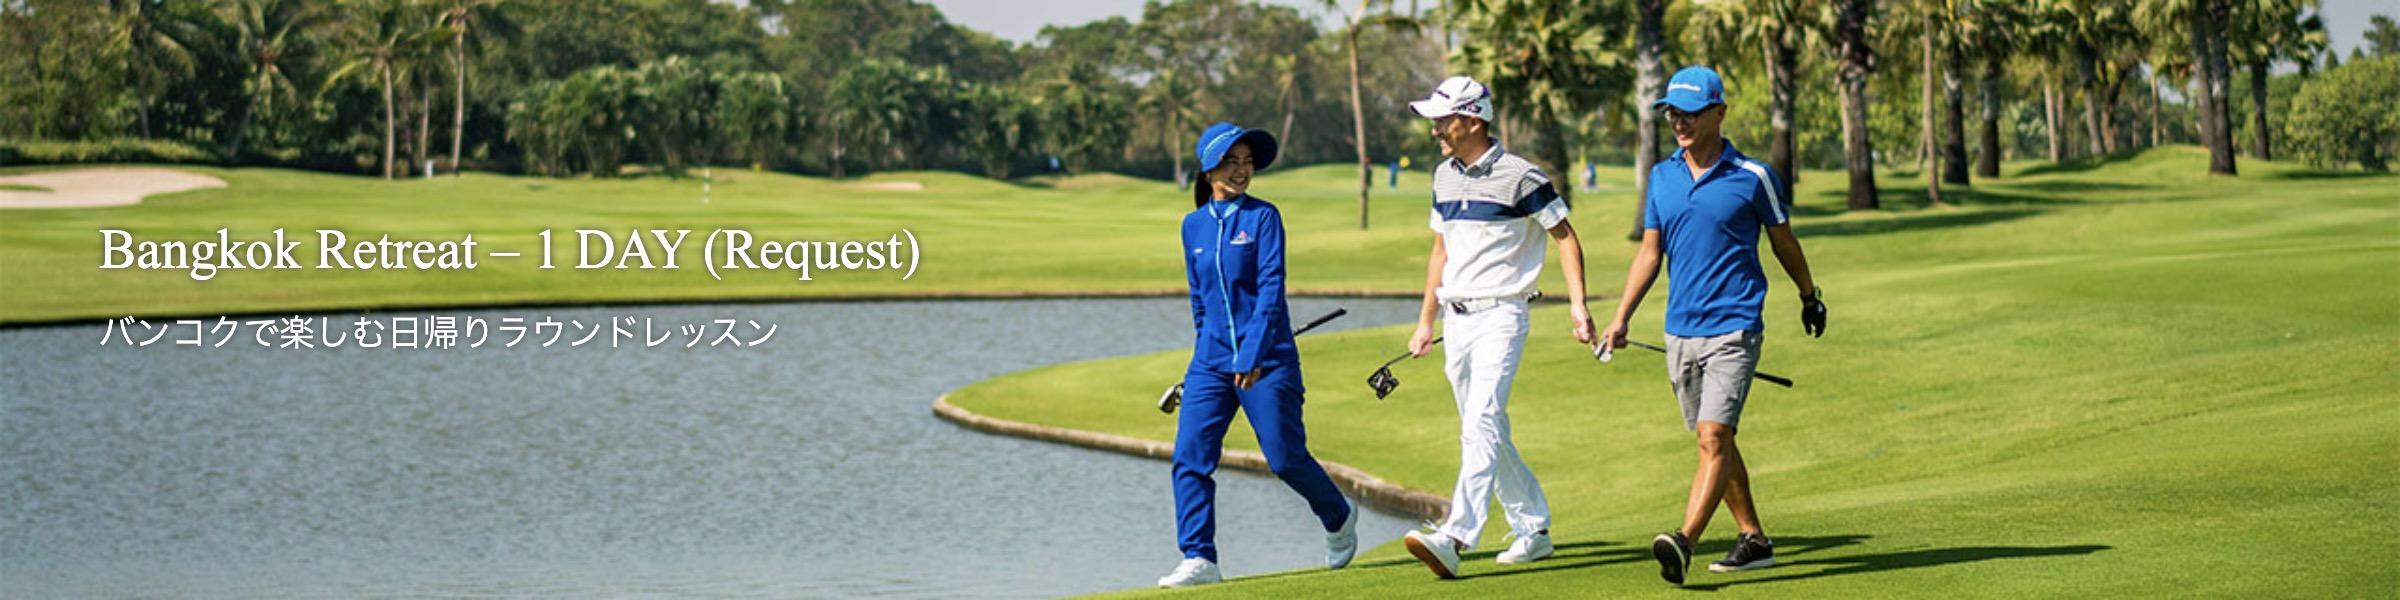 Thai-golf-retreat-headder4